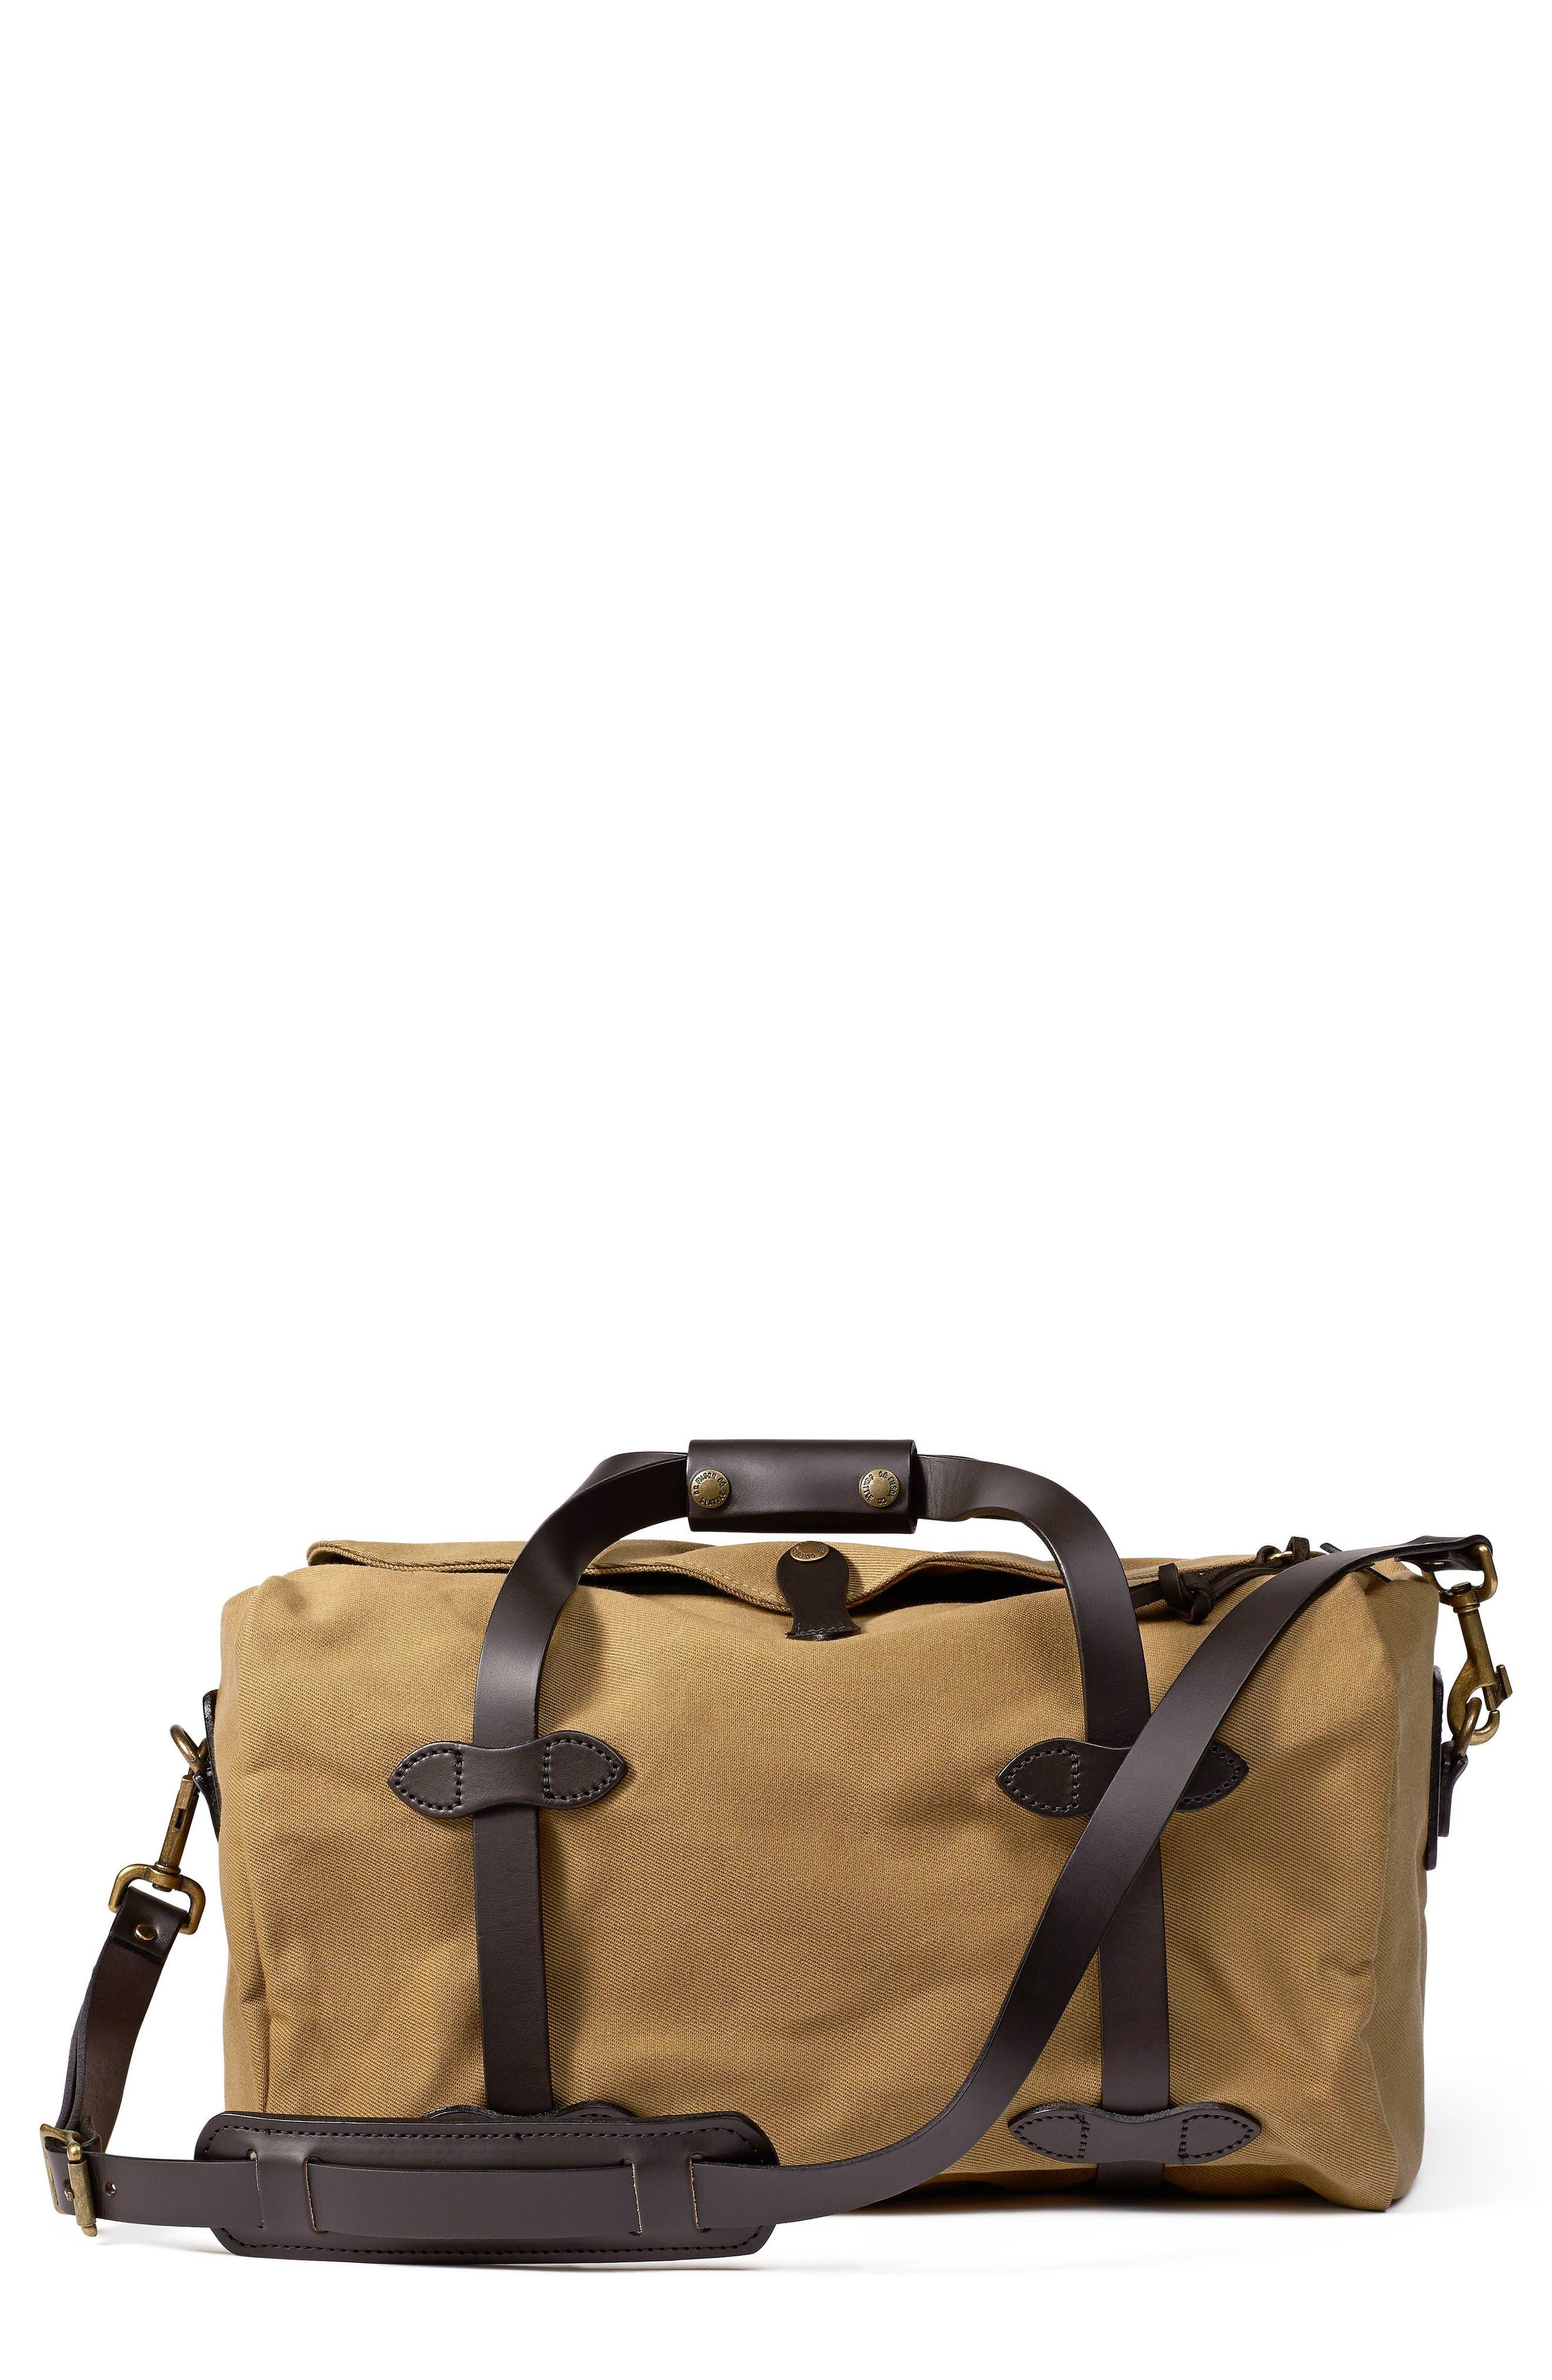 Small Duffel Bag,                             Main thumbnail 1, color,                             TAN